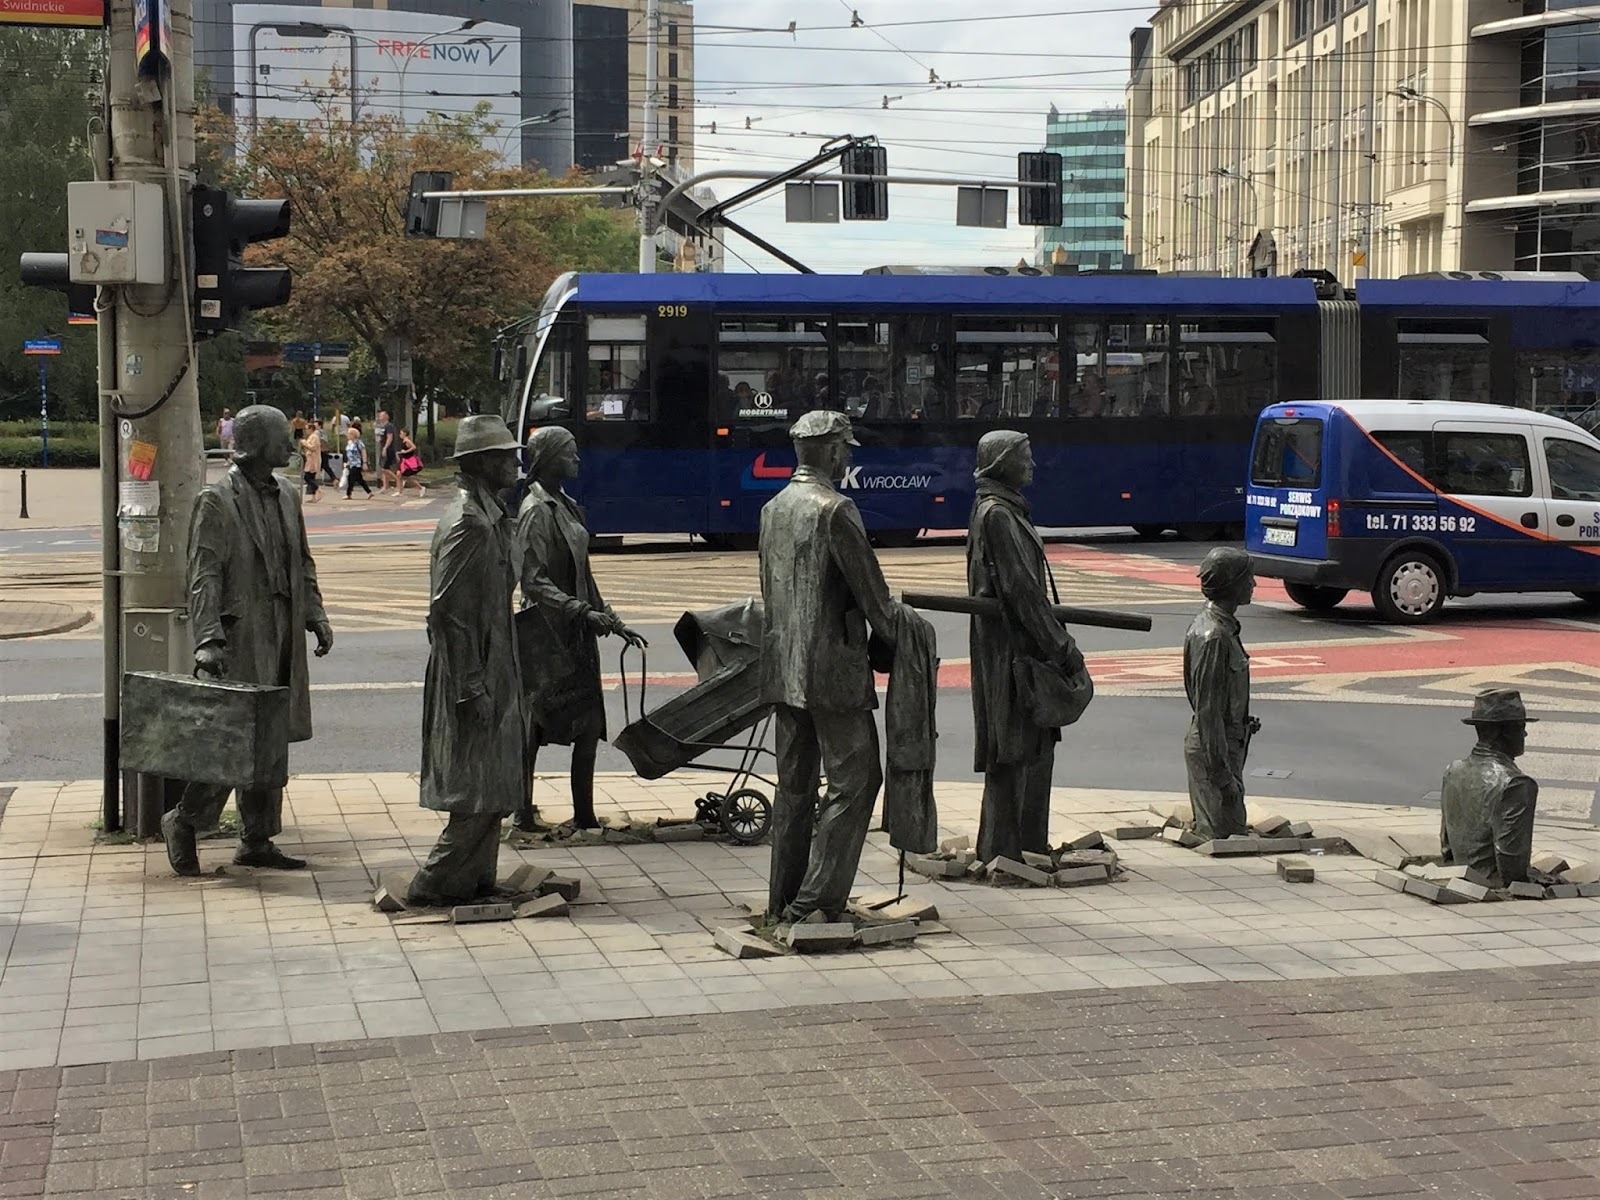 Monumento del passante anonimo